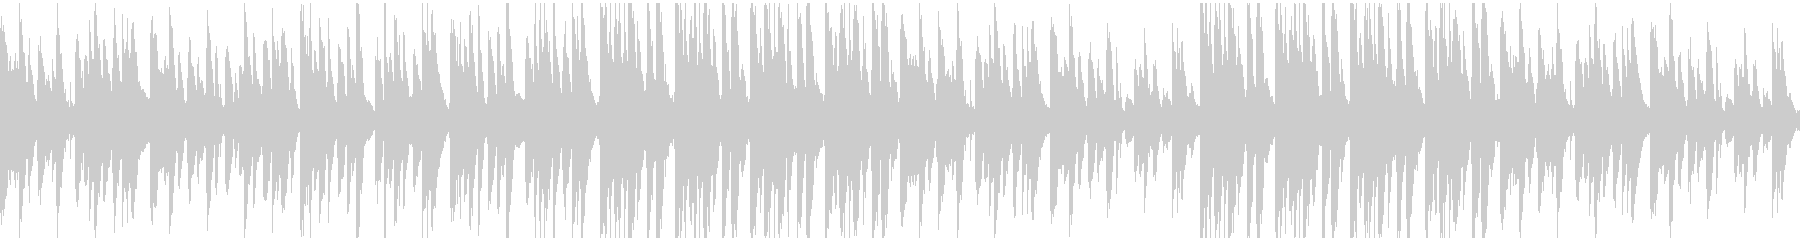 うきうきほのぼのな日常のBGMの未再生の波形